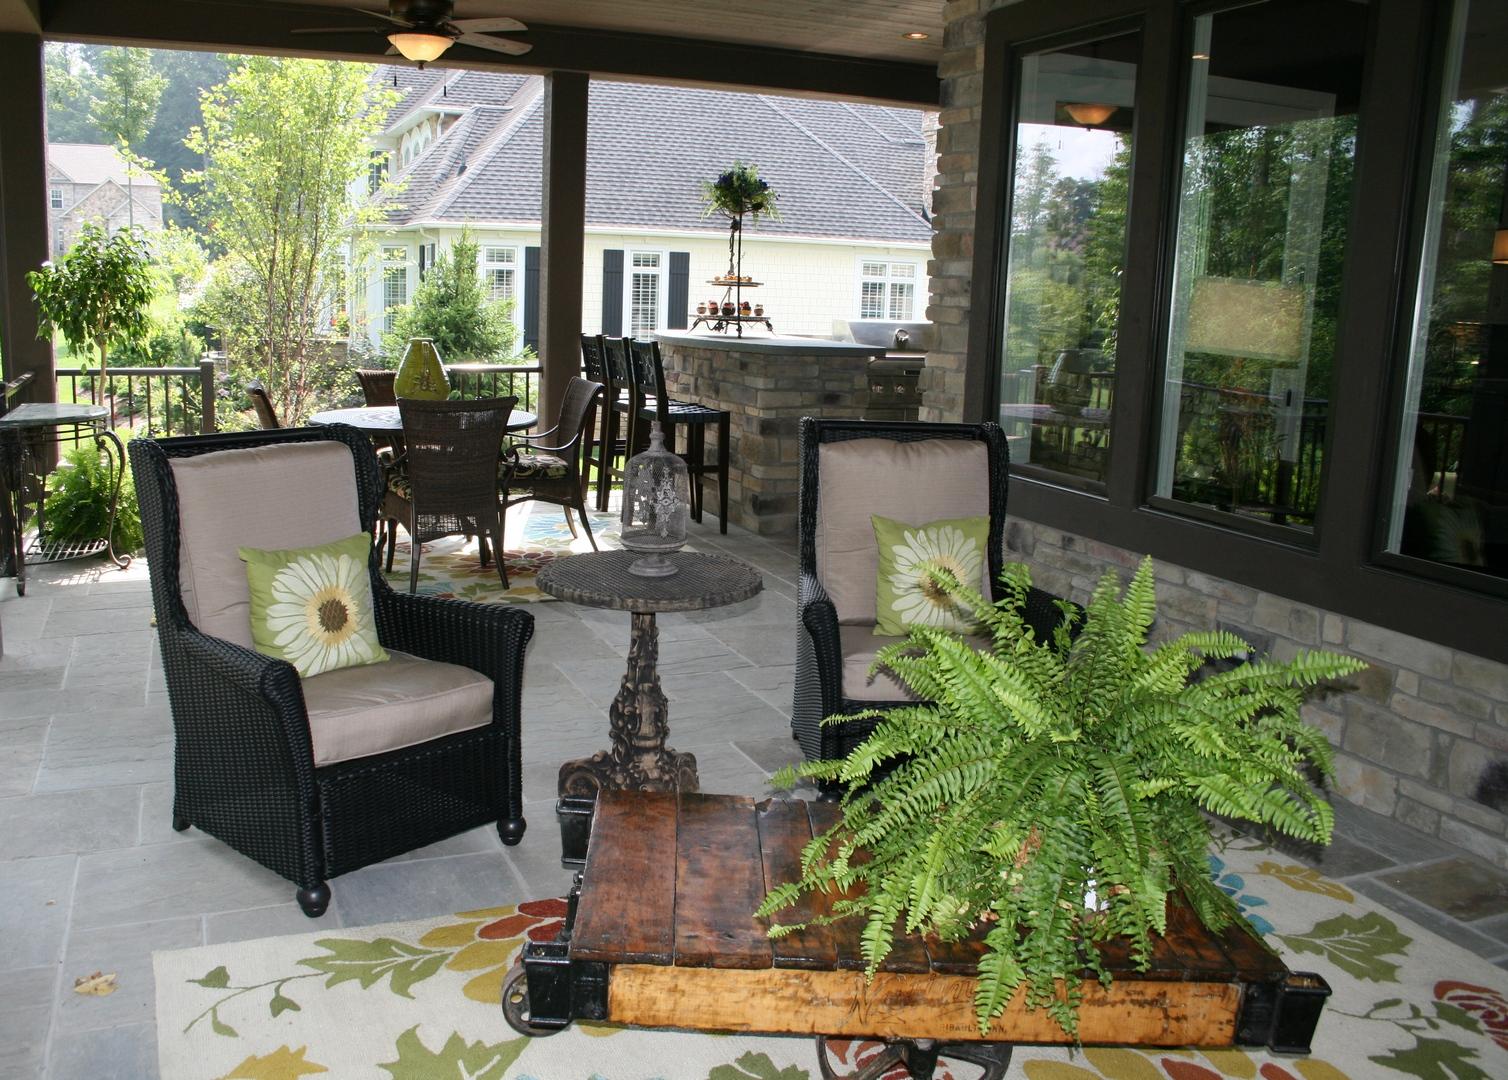 deer creek model home for sale firestone trace bath oh. Black Bedroom Furniture Sets. Home Design Ideas